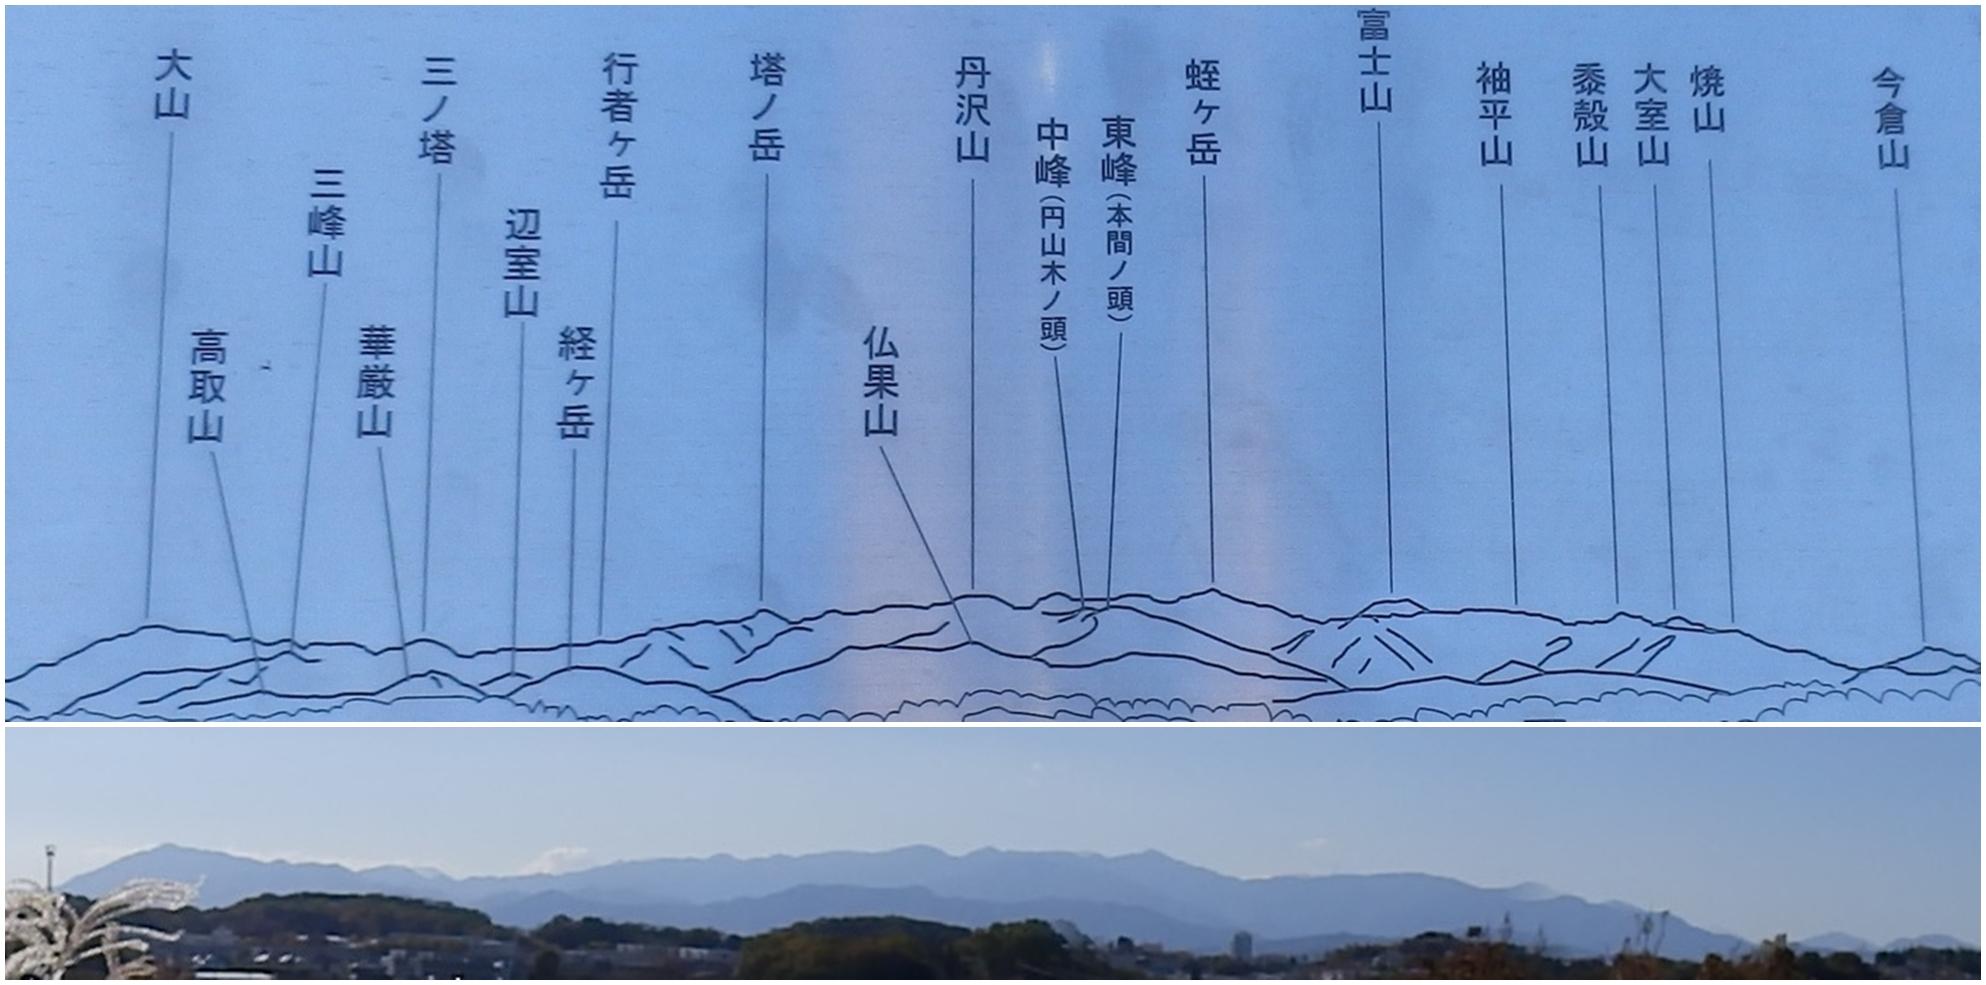 丹沢の山並み2-vert